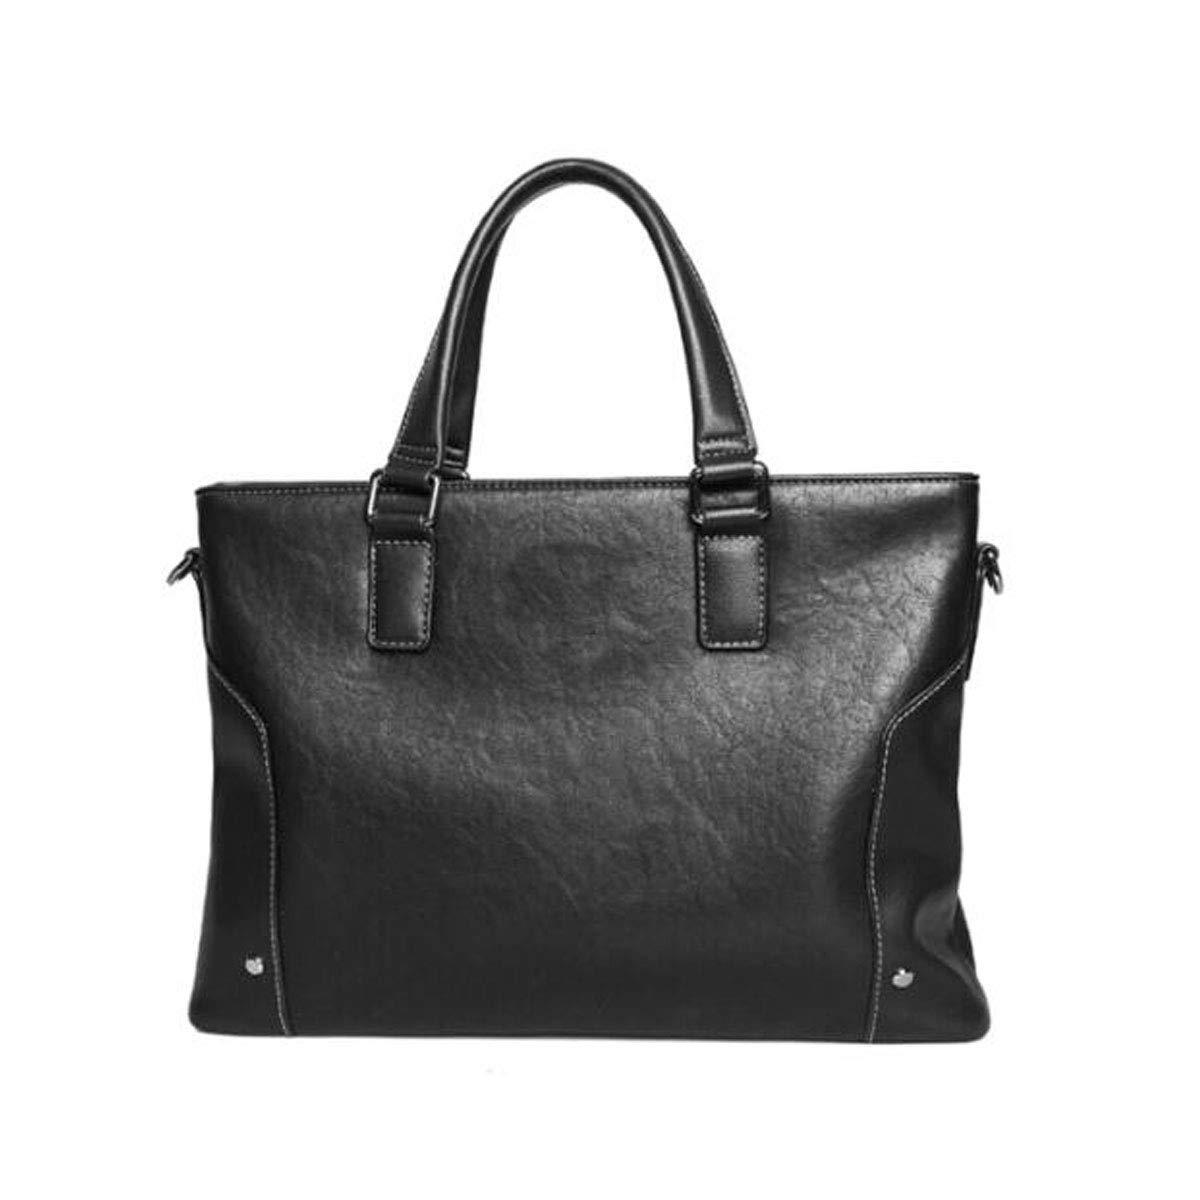 ブリーフケース、メンズビジネスカジュアル大容量ハンドバッグ、ブラックサイズ:38 * 7.5 * 27 cm B07R77Z4QR ブラック